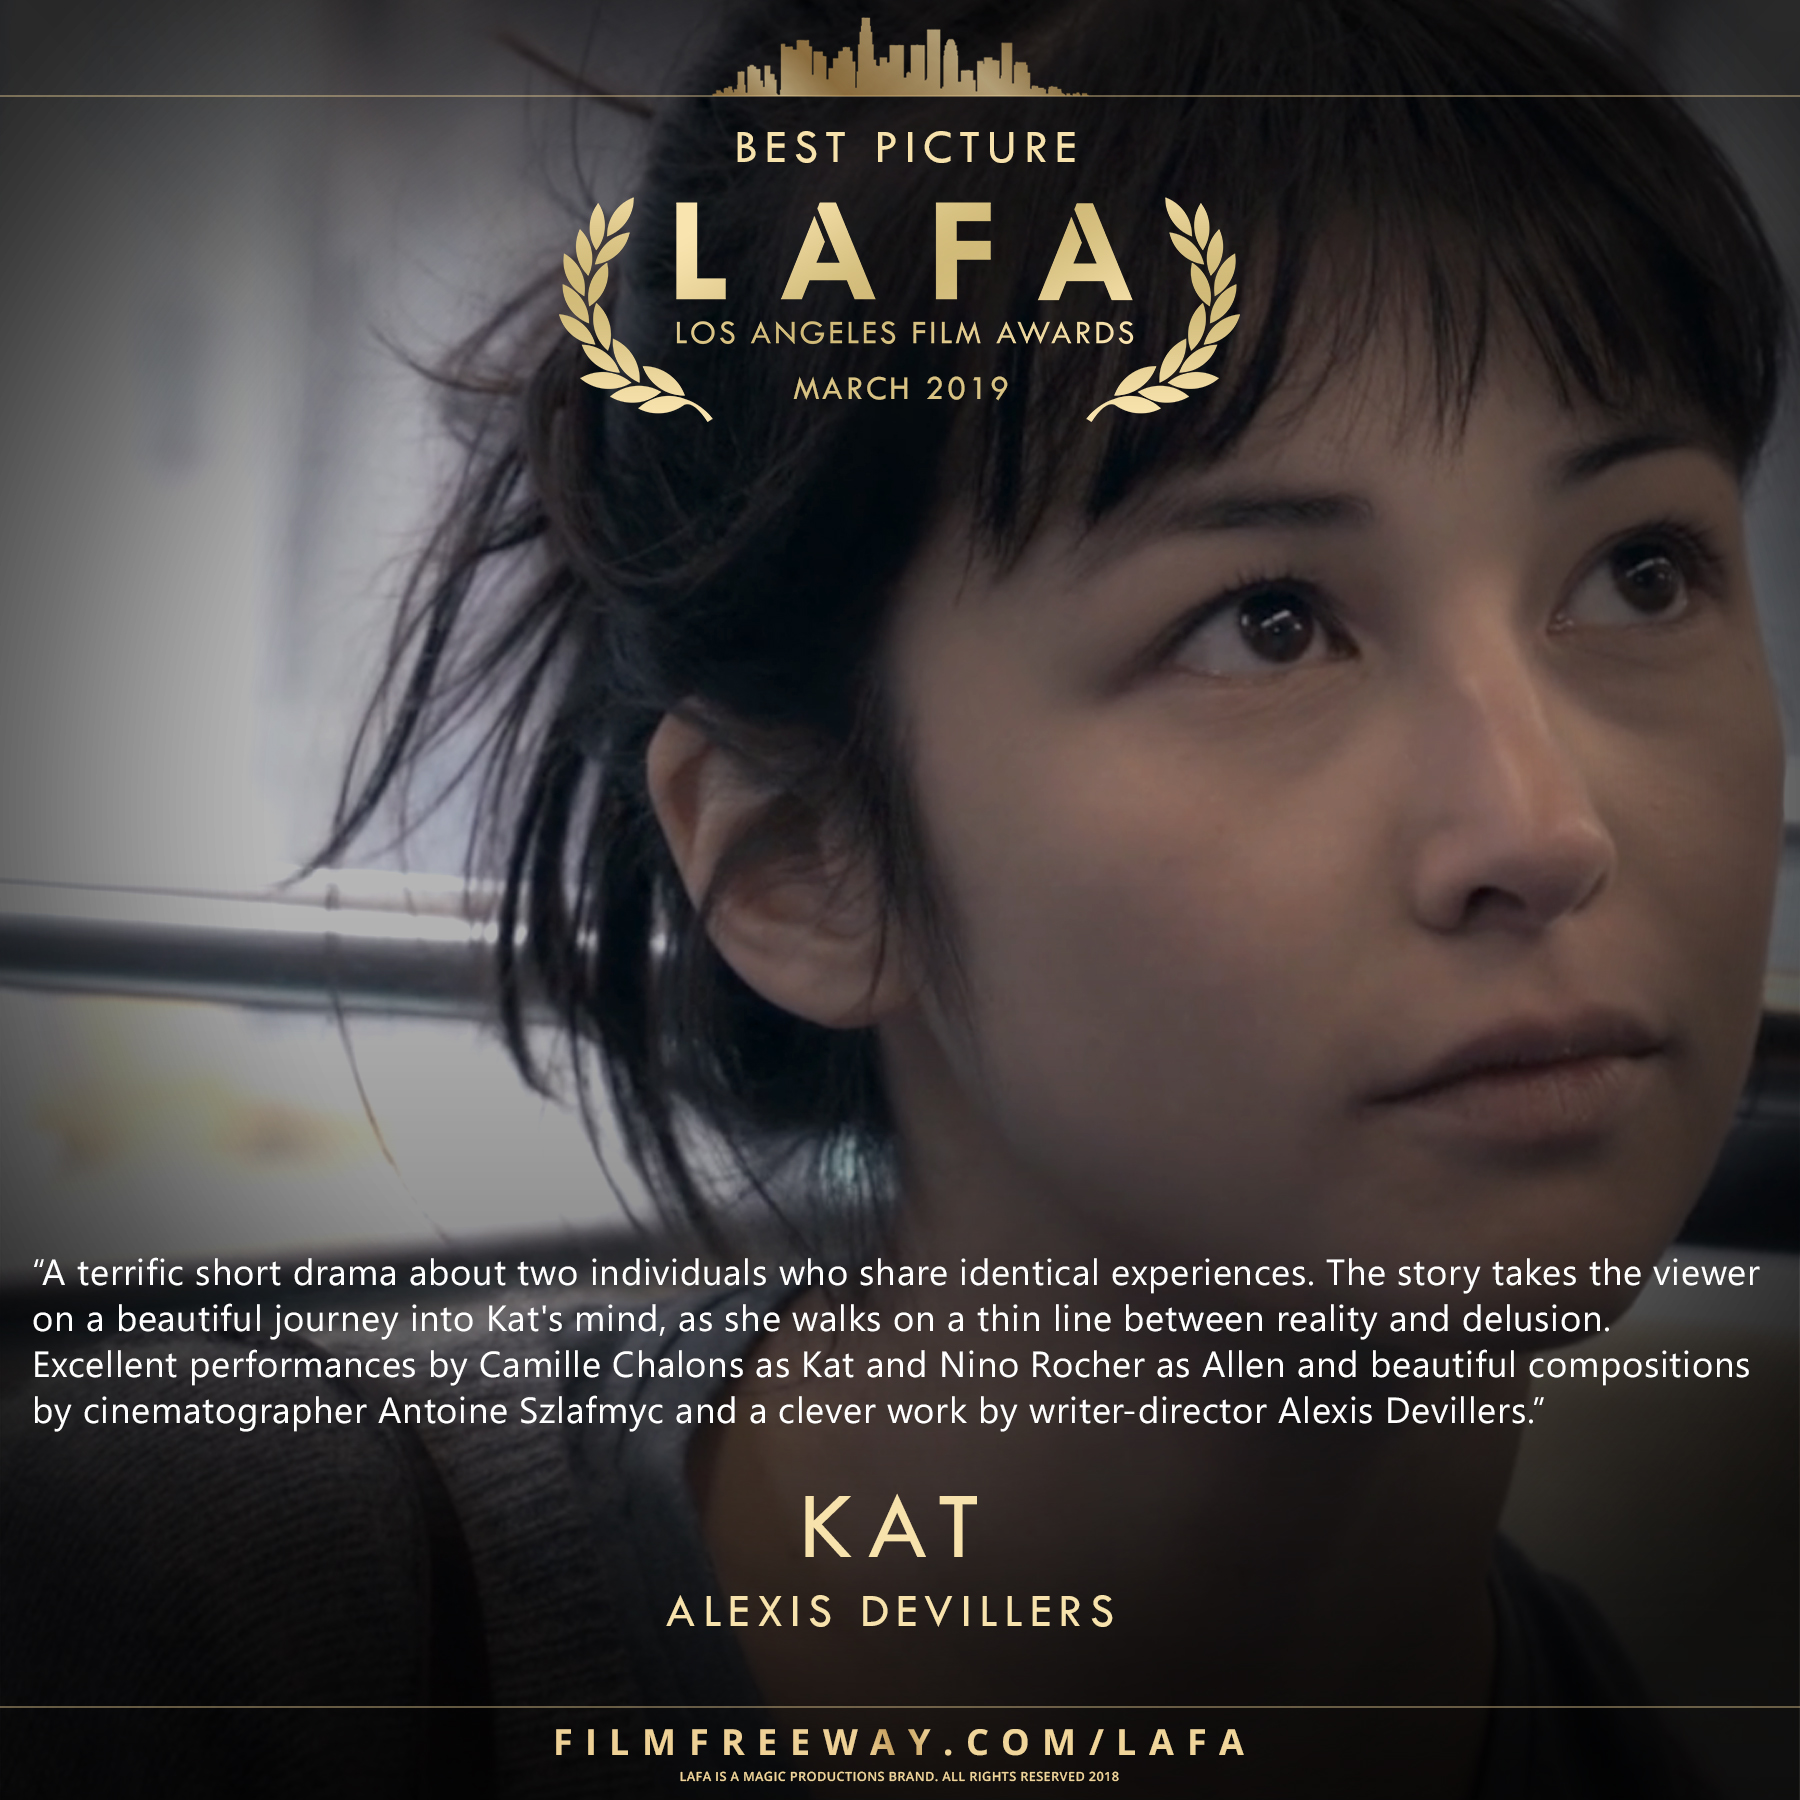 KAT review